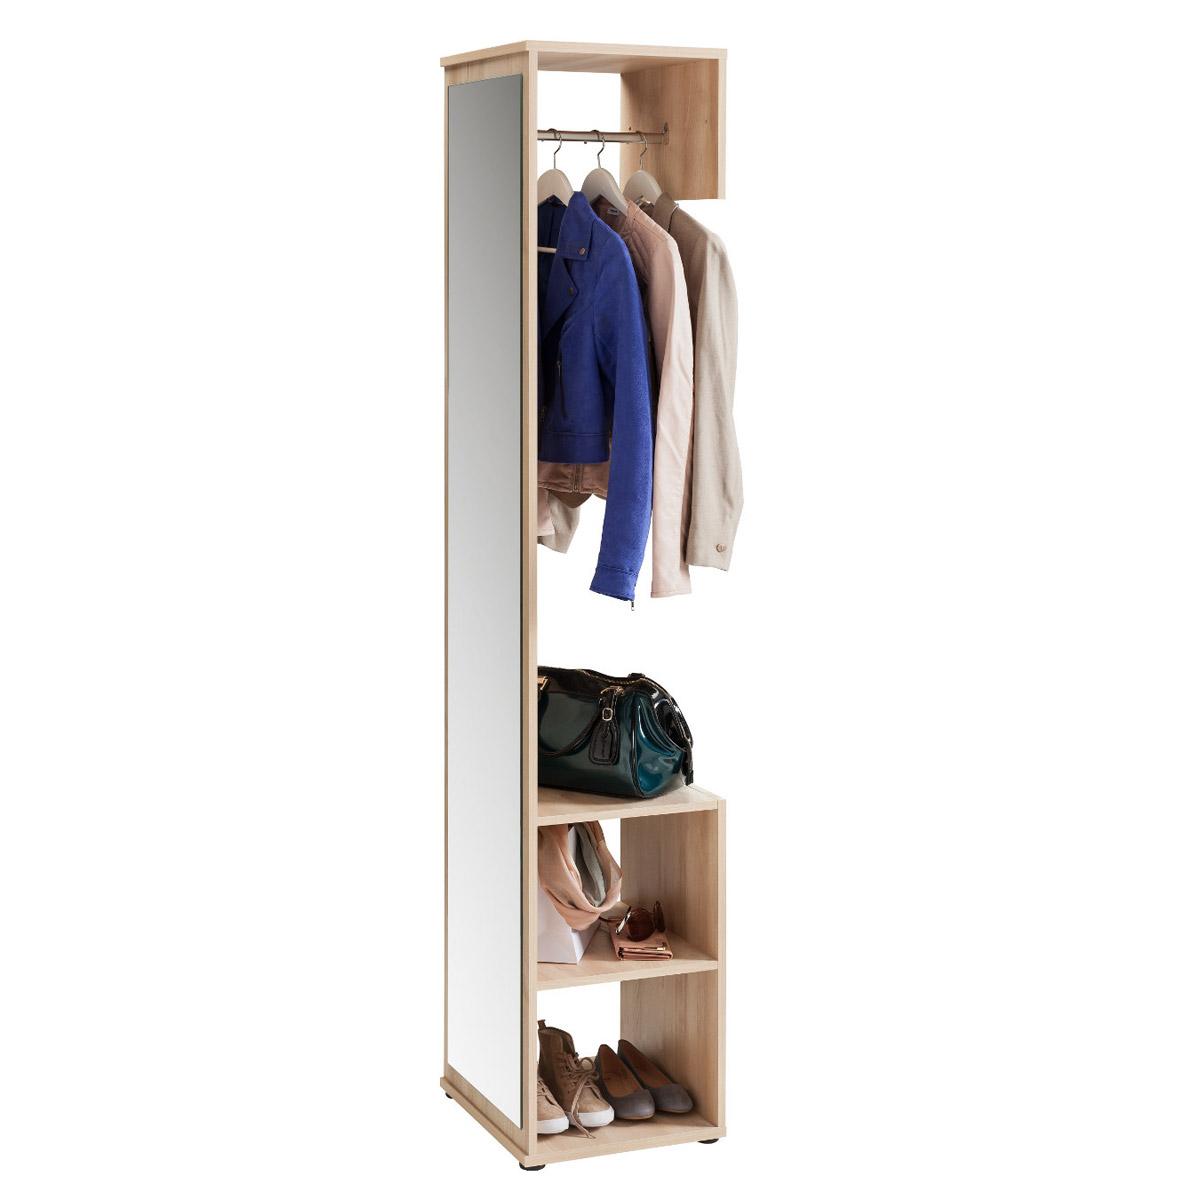 Garderobe alfred garderobenschrank mit spiegel in - Garderobenschrank mit spiegel ...